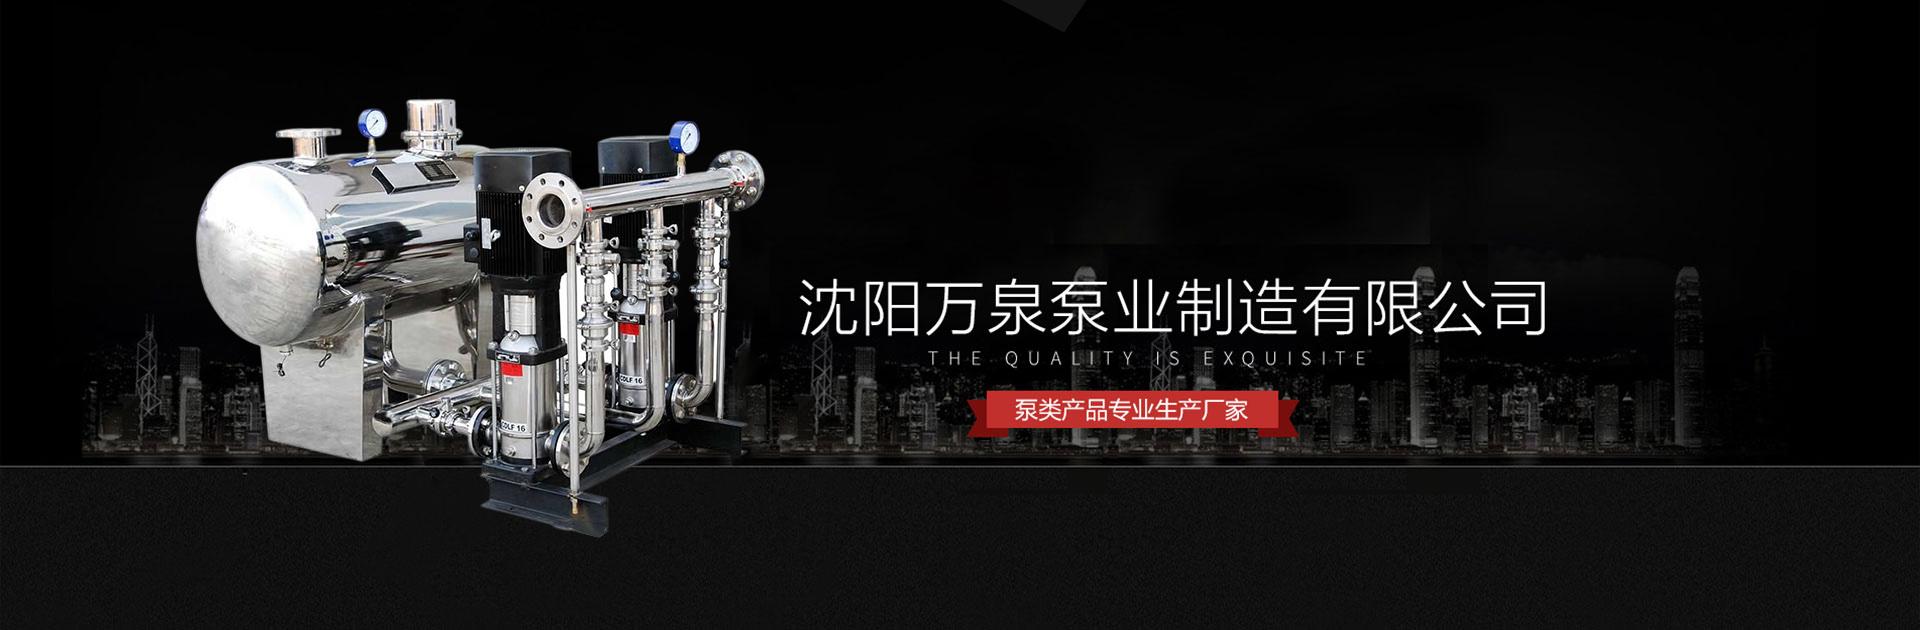 沈阳消防泵厂家